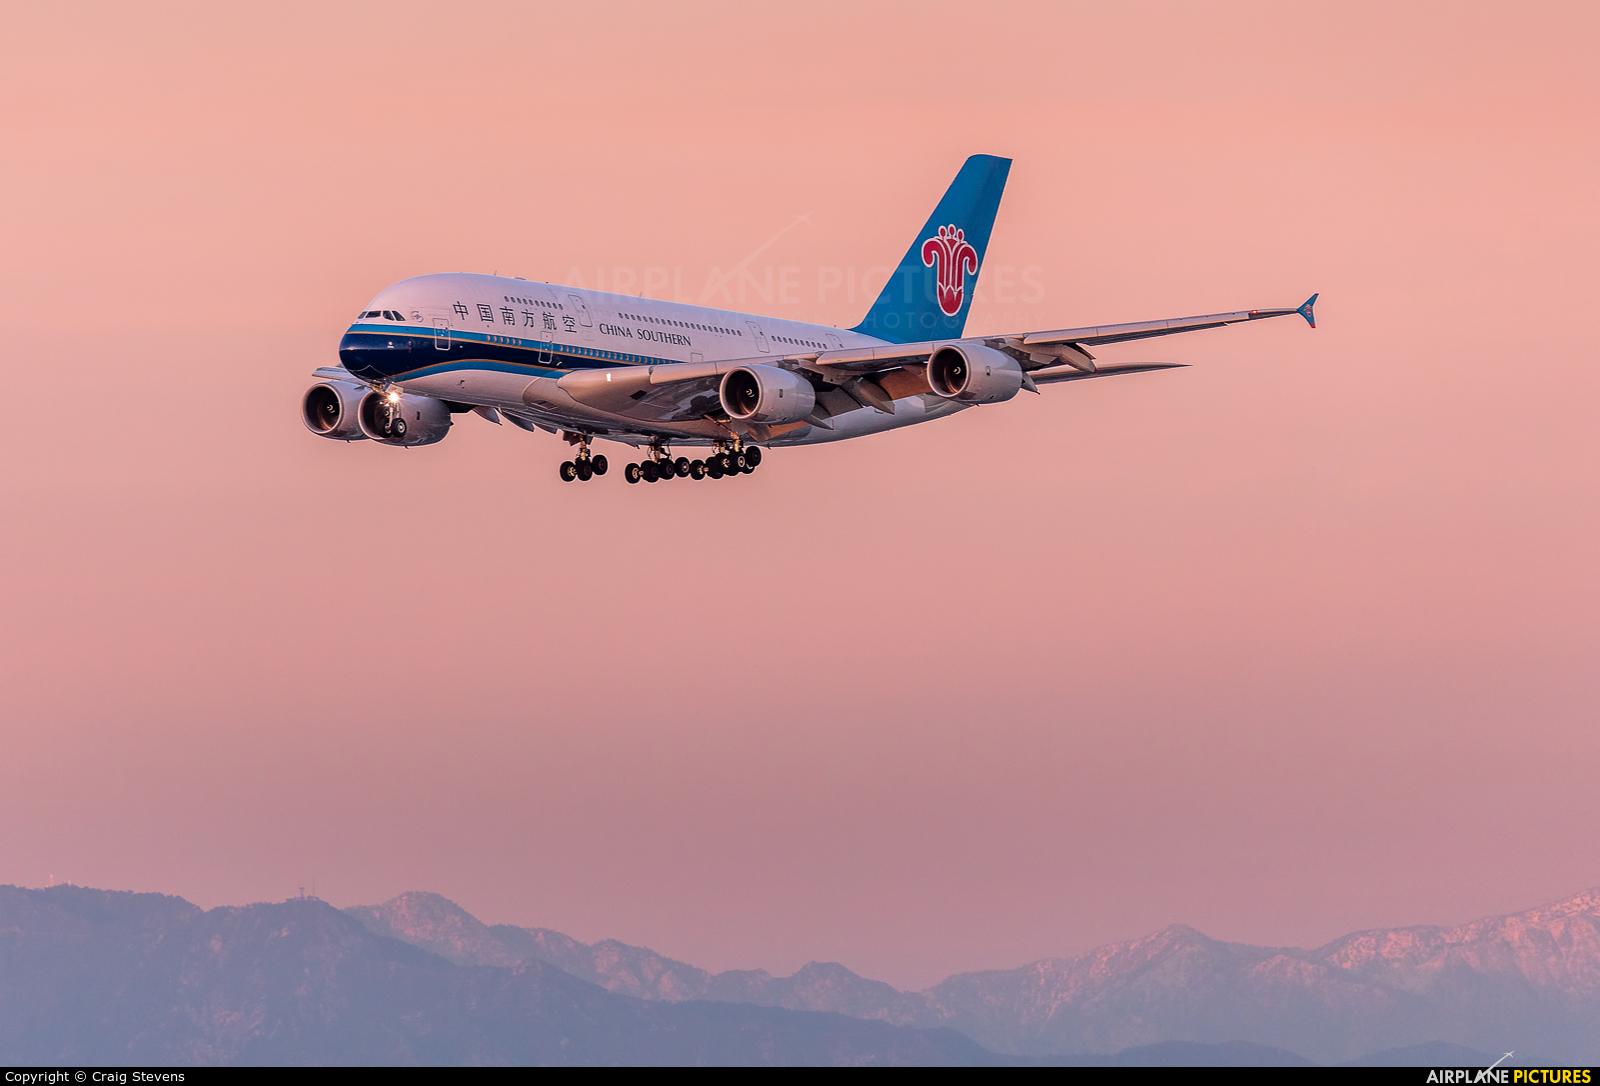 China Southern Airlines B-6138 aircraft at Los Angeles Intl